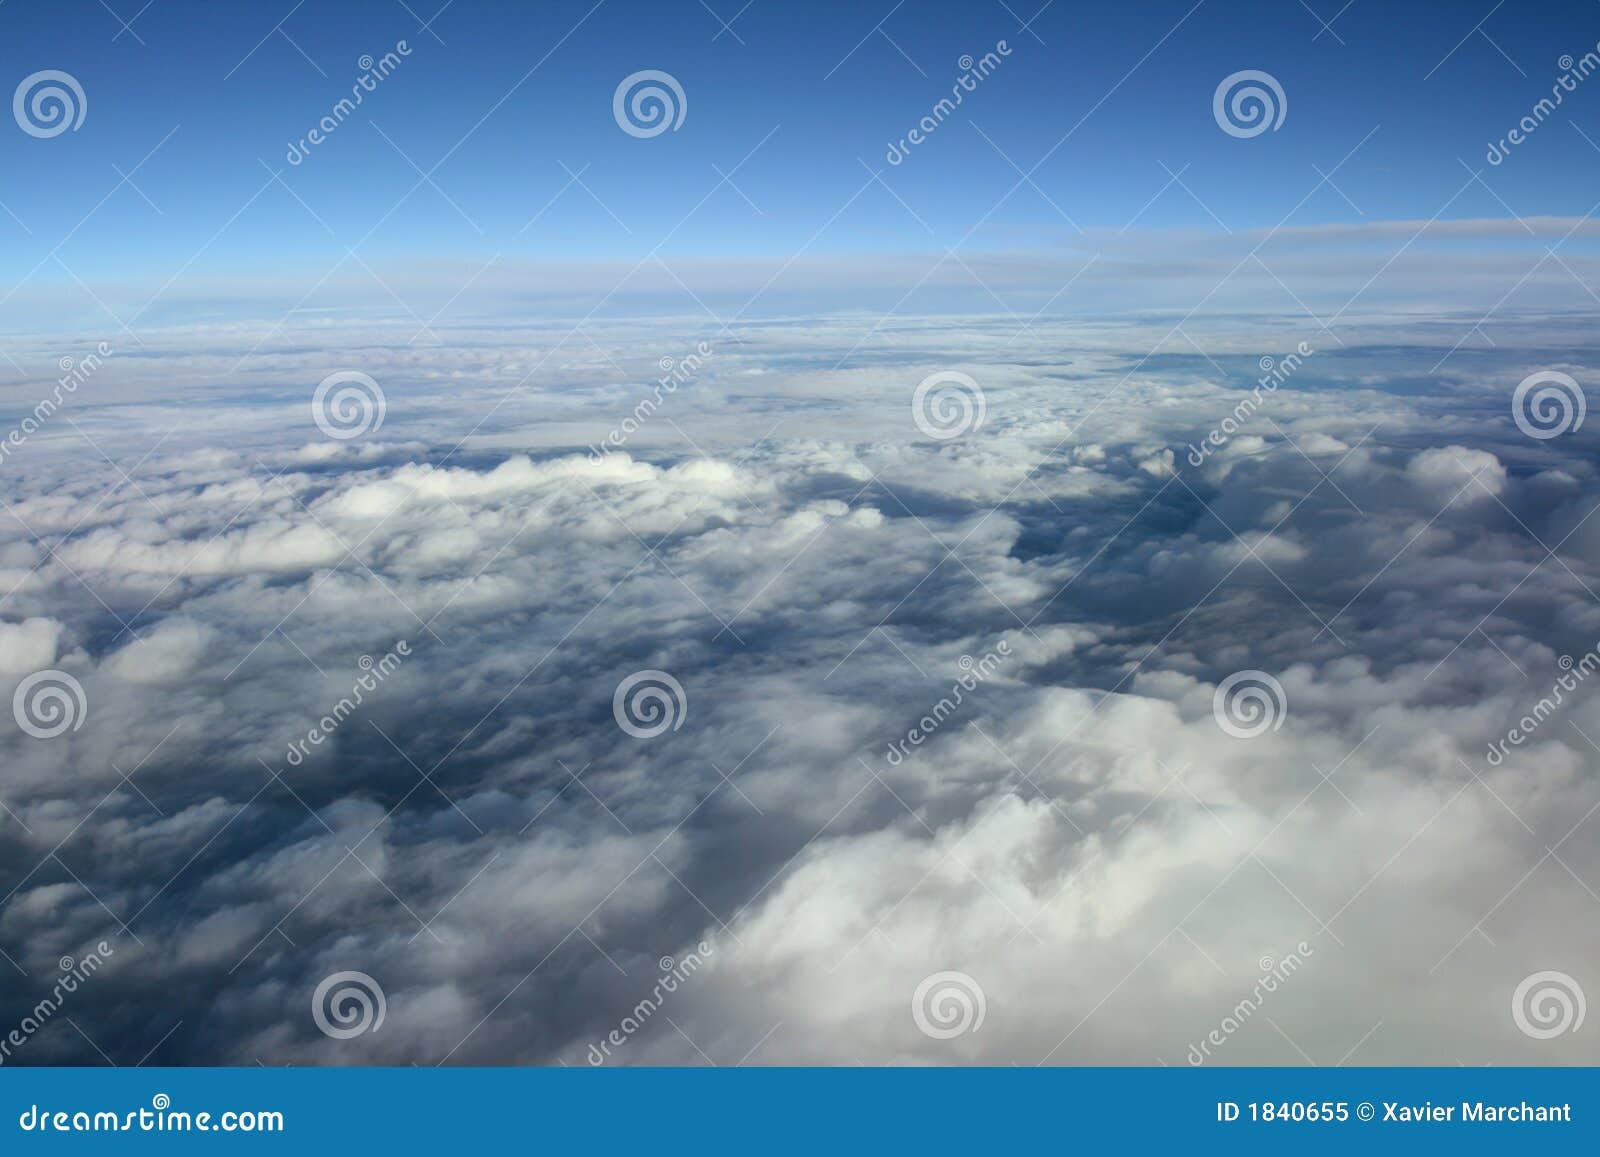 云彩阴云密布